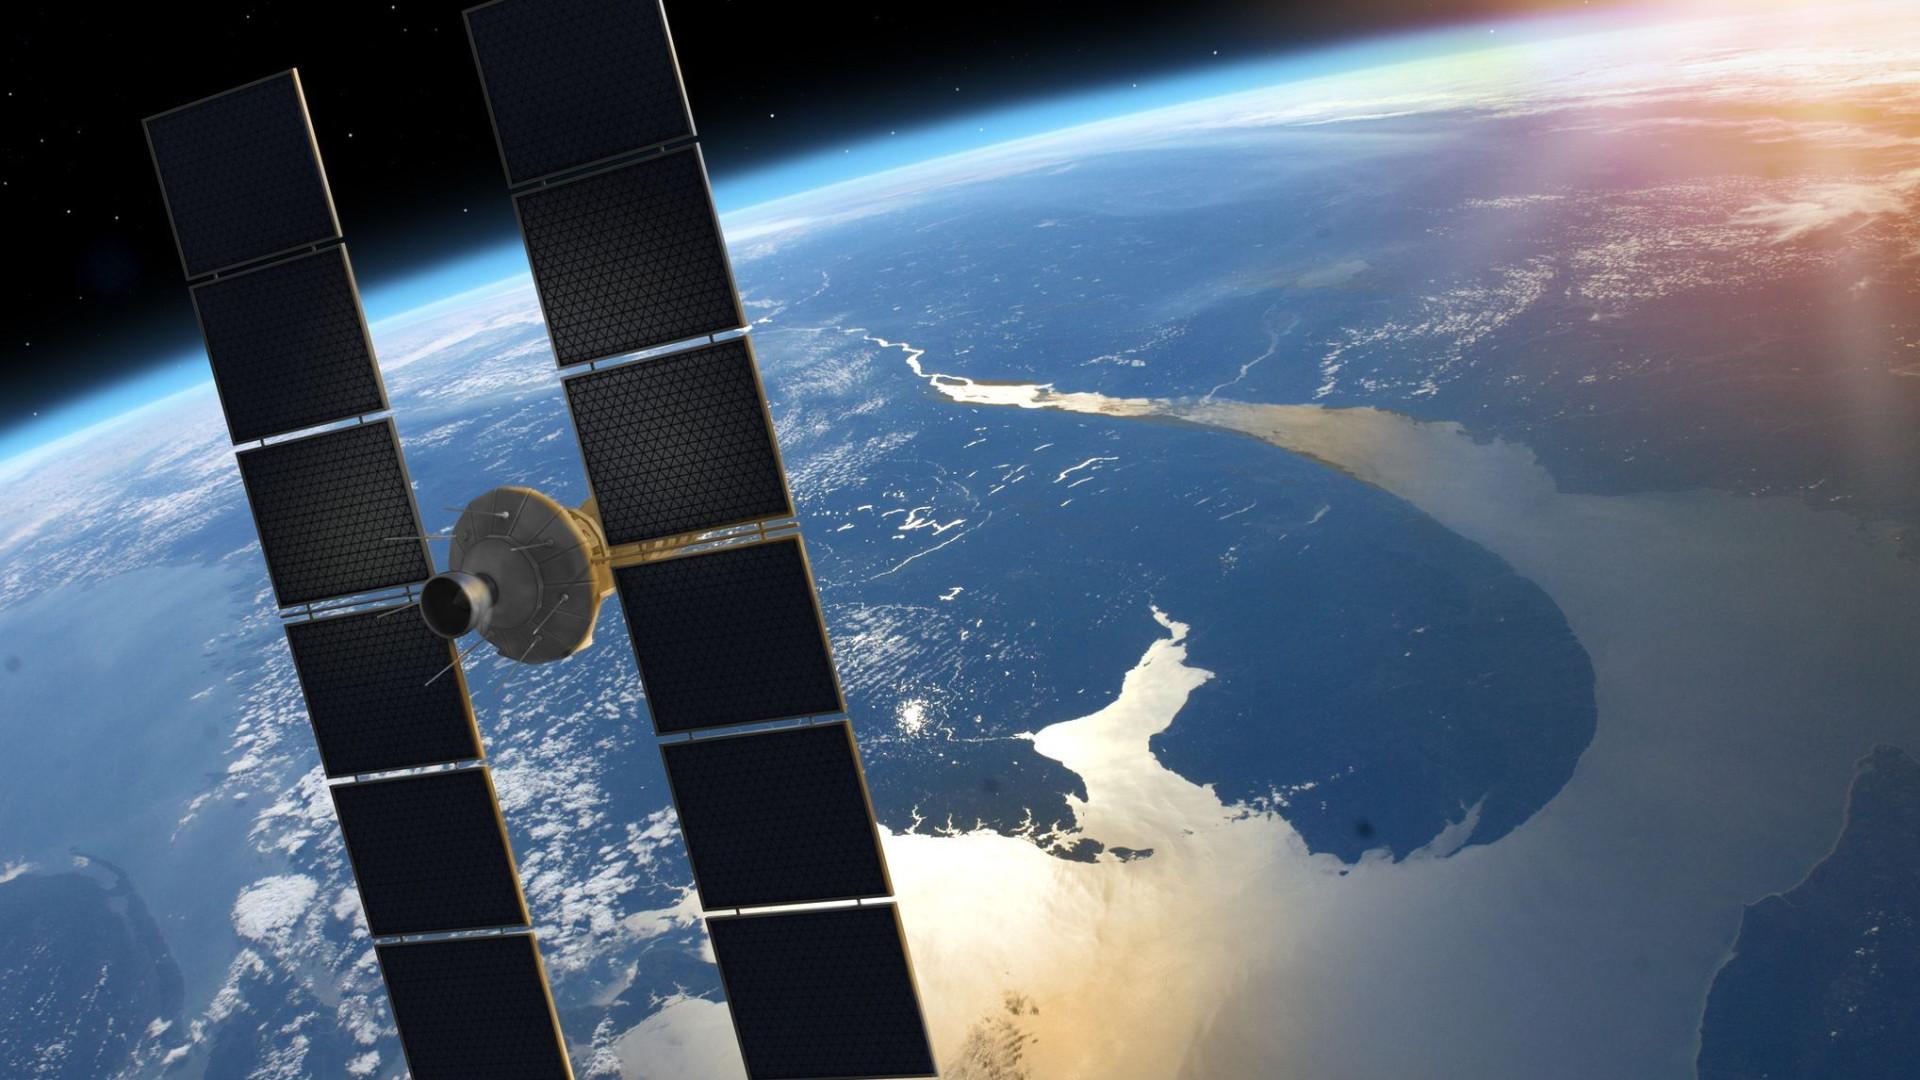 Adiado lançamento do primeiro satélite dos ventos com 'cunho' luso